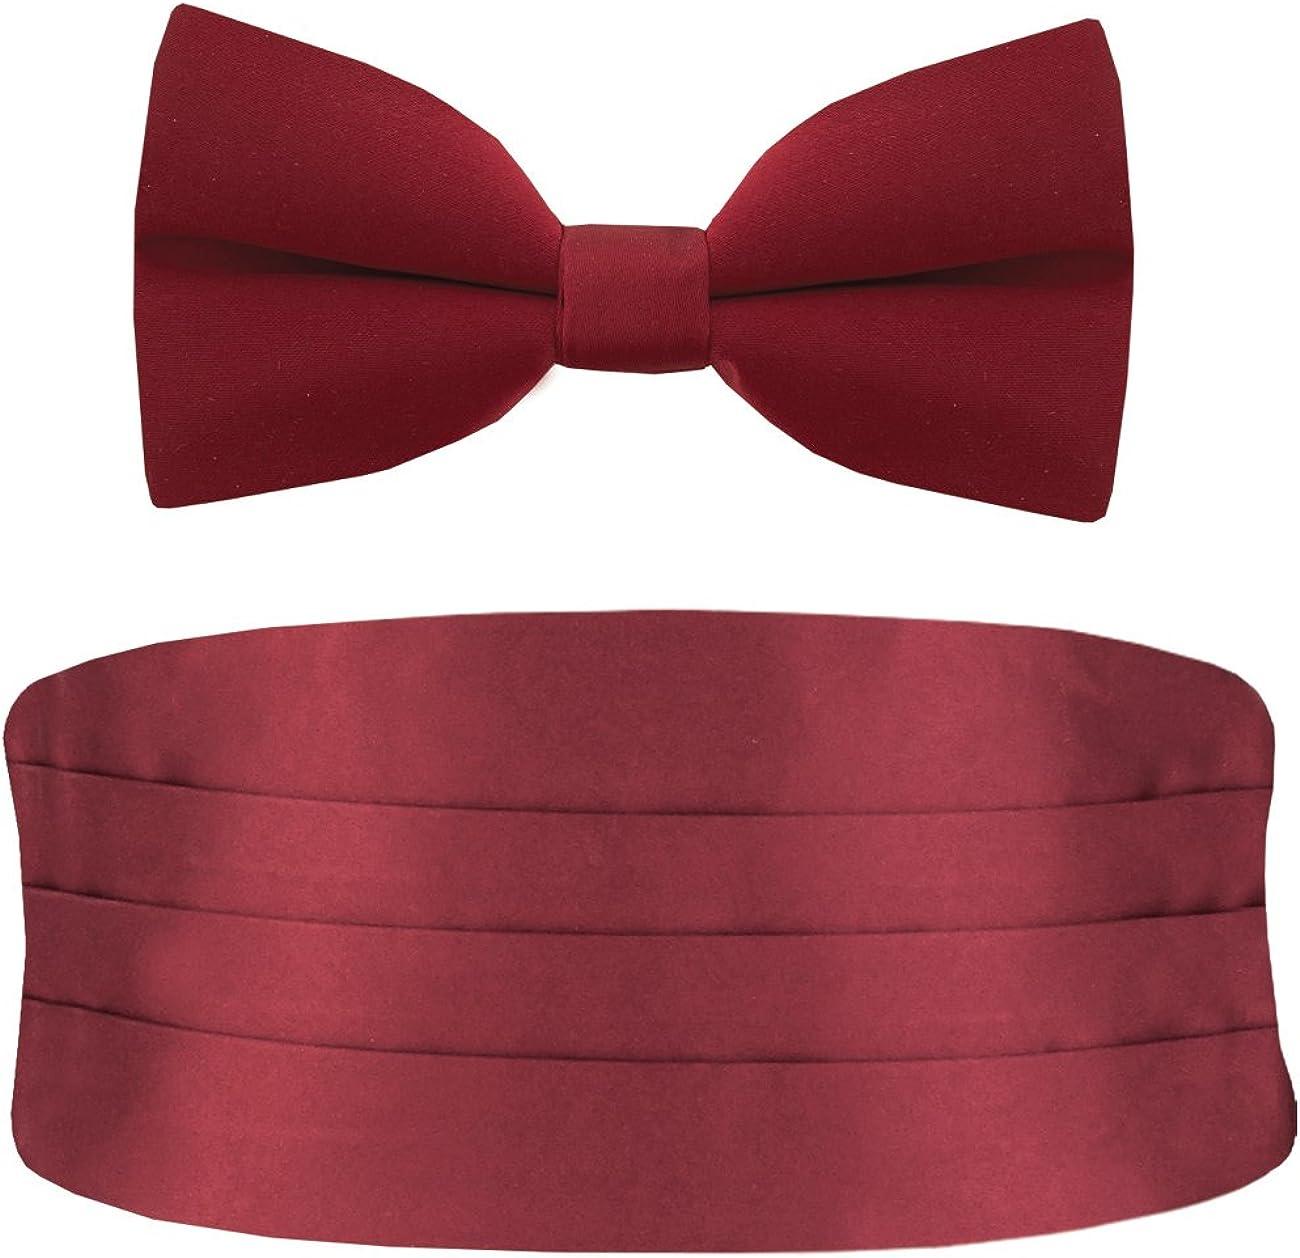 Dobell Mens Burgundy Cummerbund & Bow Tie Set Pre-Tied Tuxedo Evening Wear Accessories